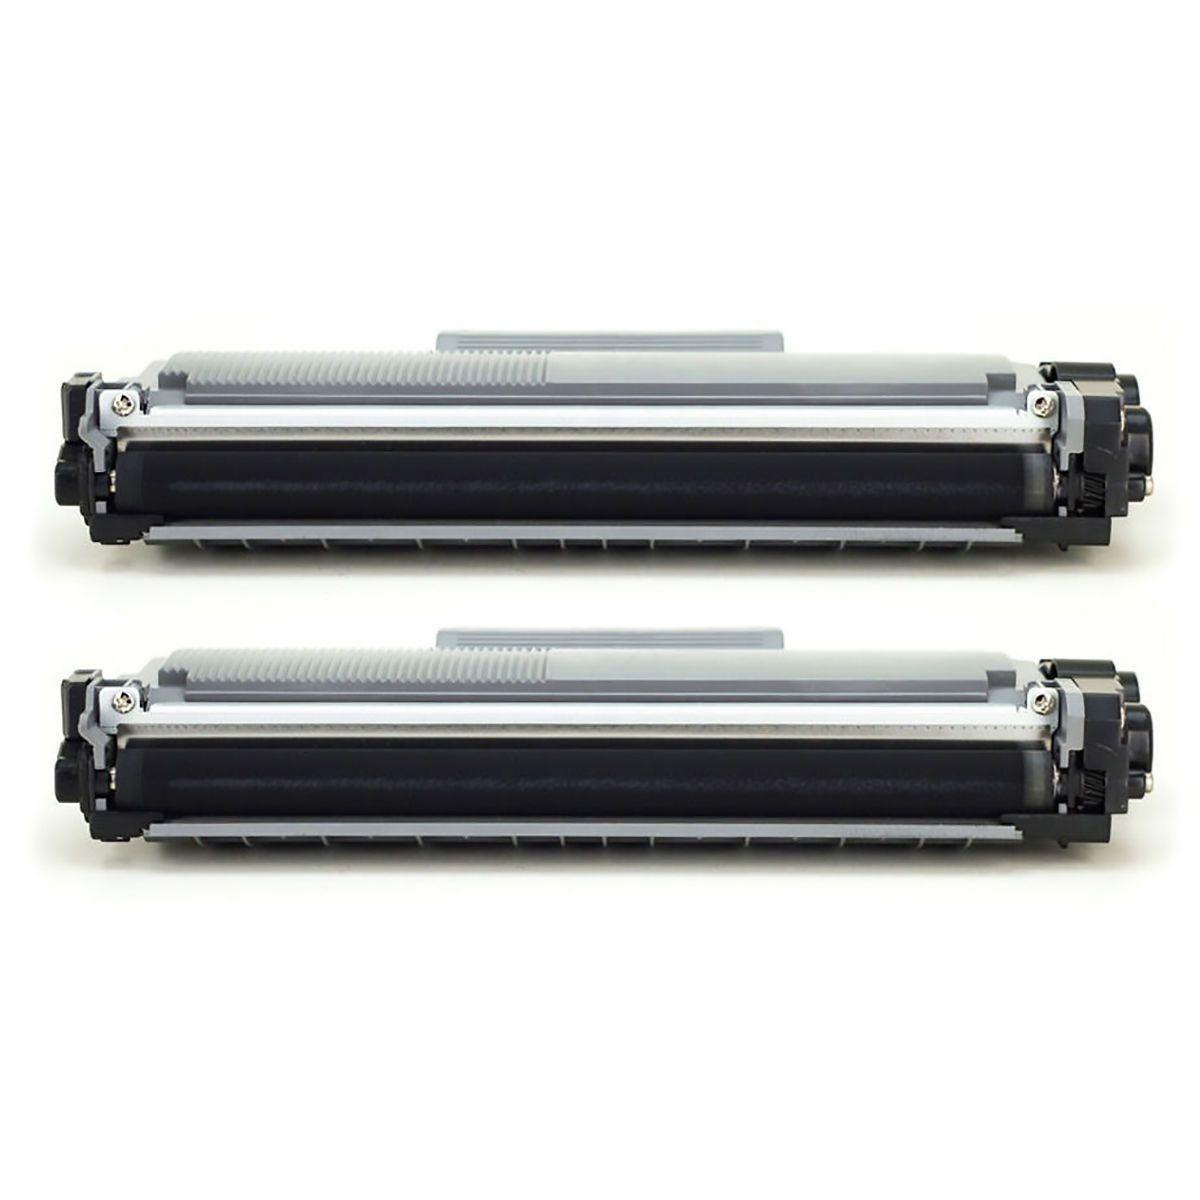 Compatível: kit 2x Toner TN660 TN2370 TN2370 para Brother DCP-L2540 L2540dw MFC-L2740dw L2720dw / Preto / 2.600